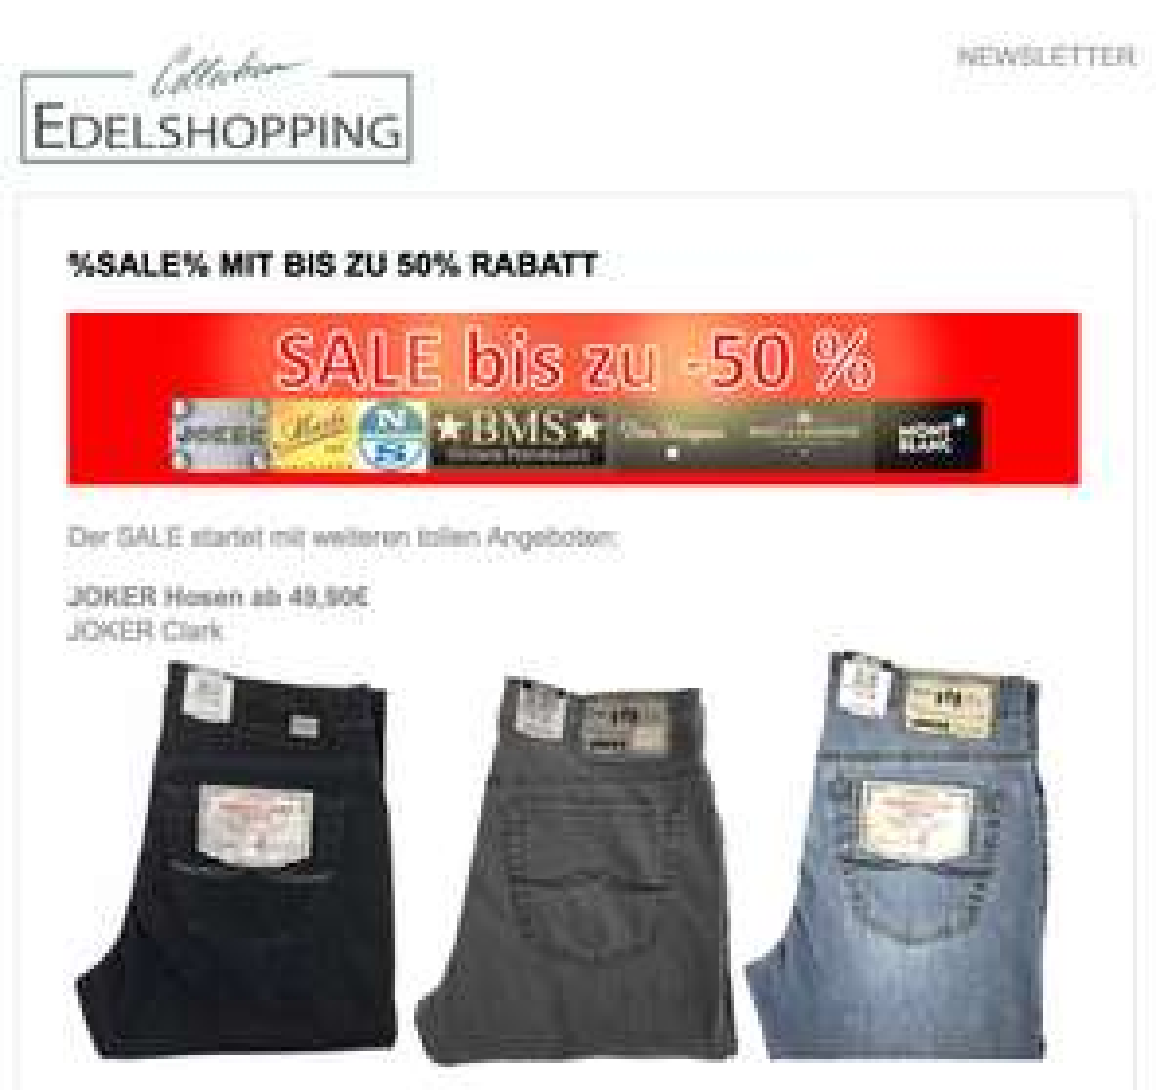 10% Extra-Rabatt auch auf Sale-Artikel